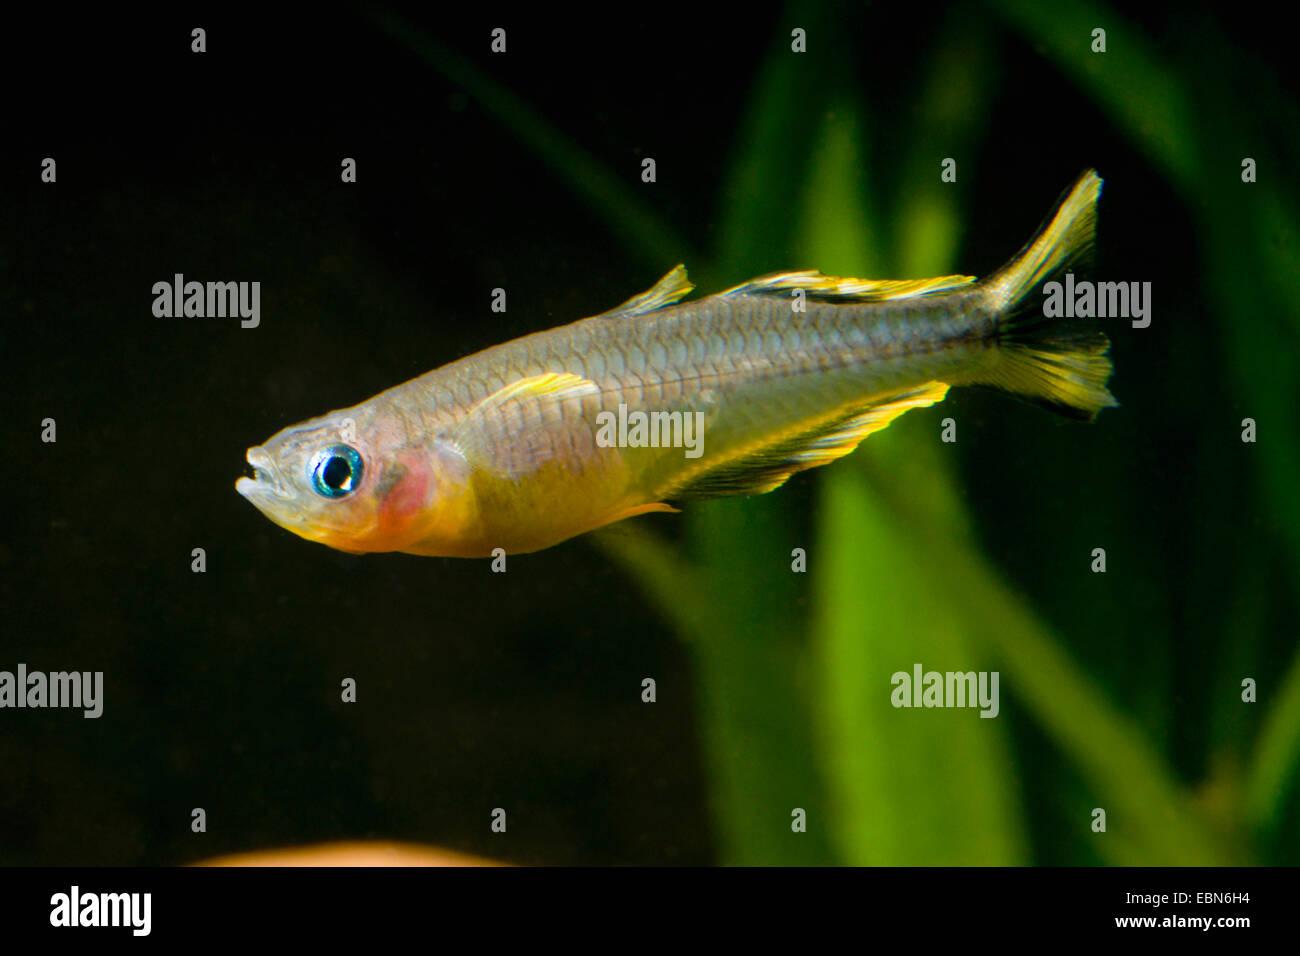 Gabel-Tail Regenbogenfisch (Pseudomugil Furcatus, Popondichthys Furcatus) züchten gelb Stockbild